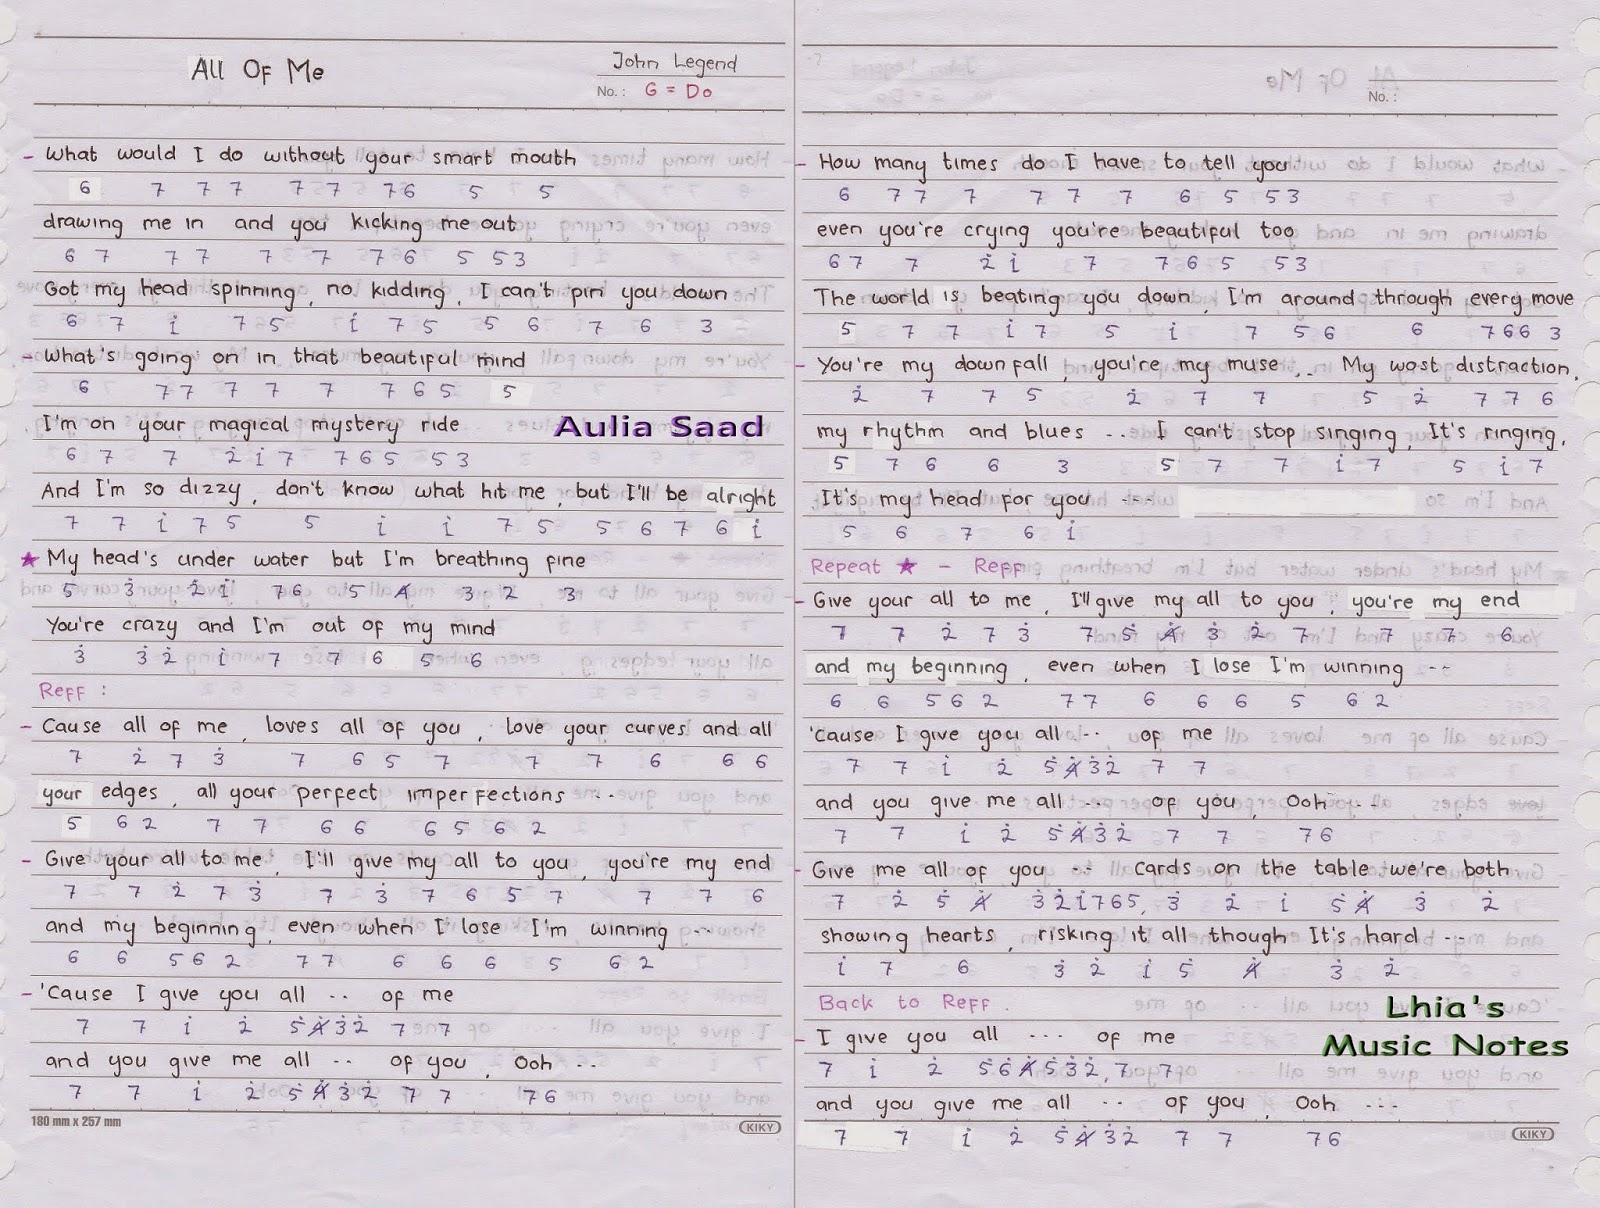 Not Angka : John Legend - All Of Me